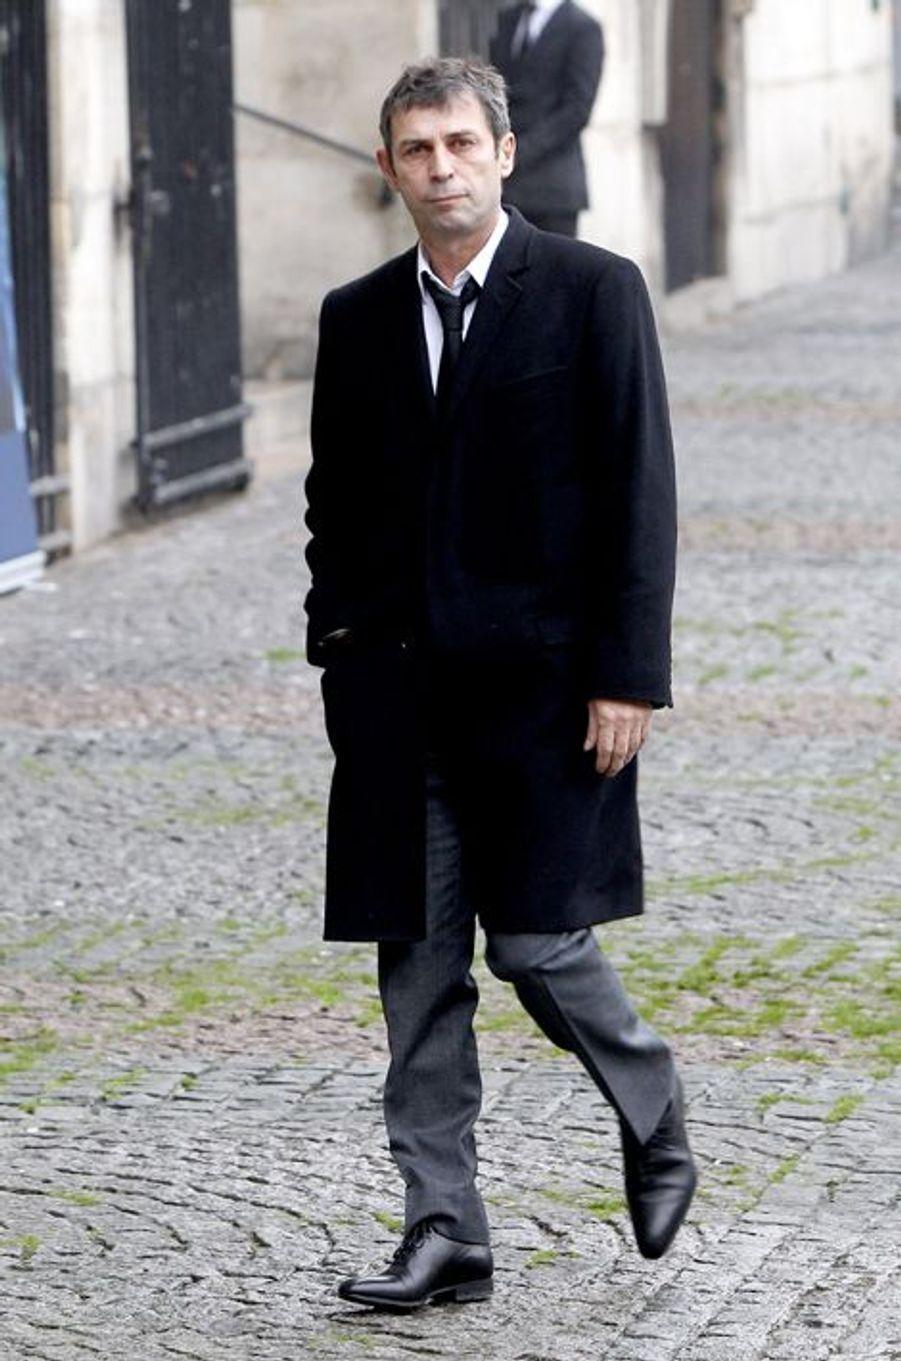 Frédéric Taddéi à l'hommage à Christophe de Margerie qui a été rendu au sein de l'église Saint-Sulpice à Paris